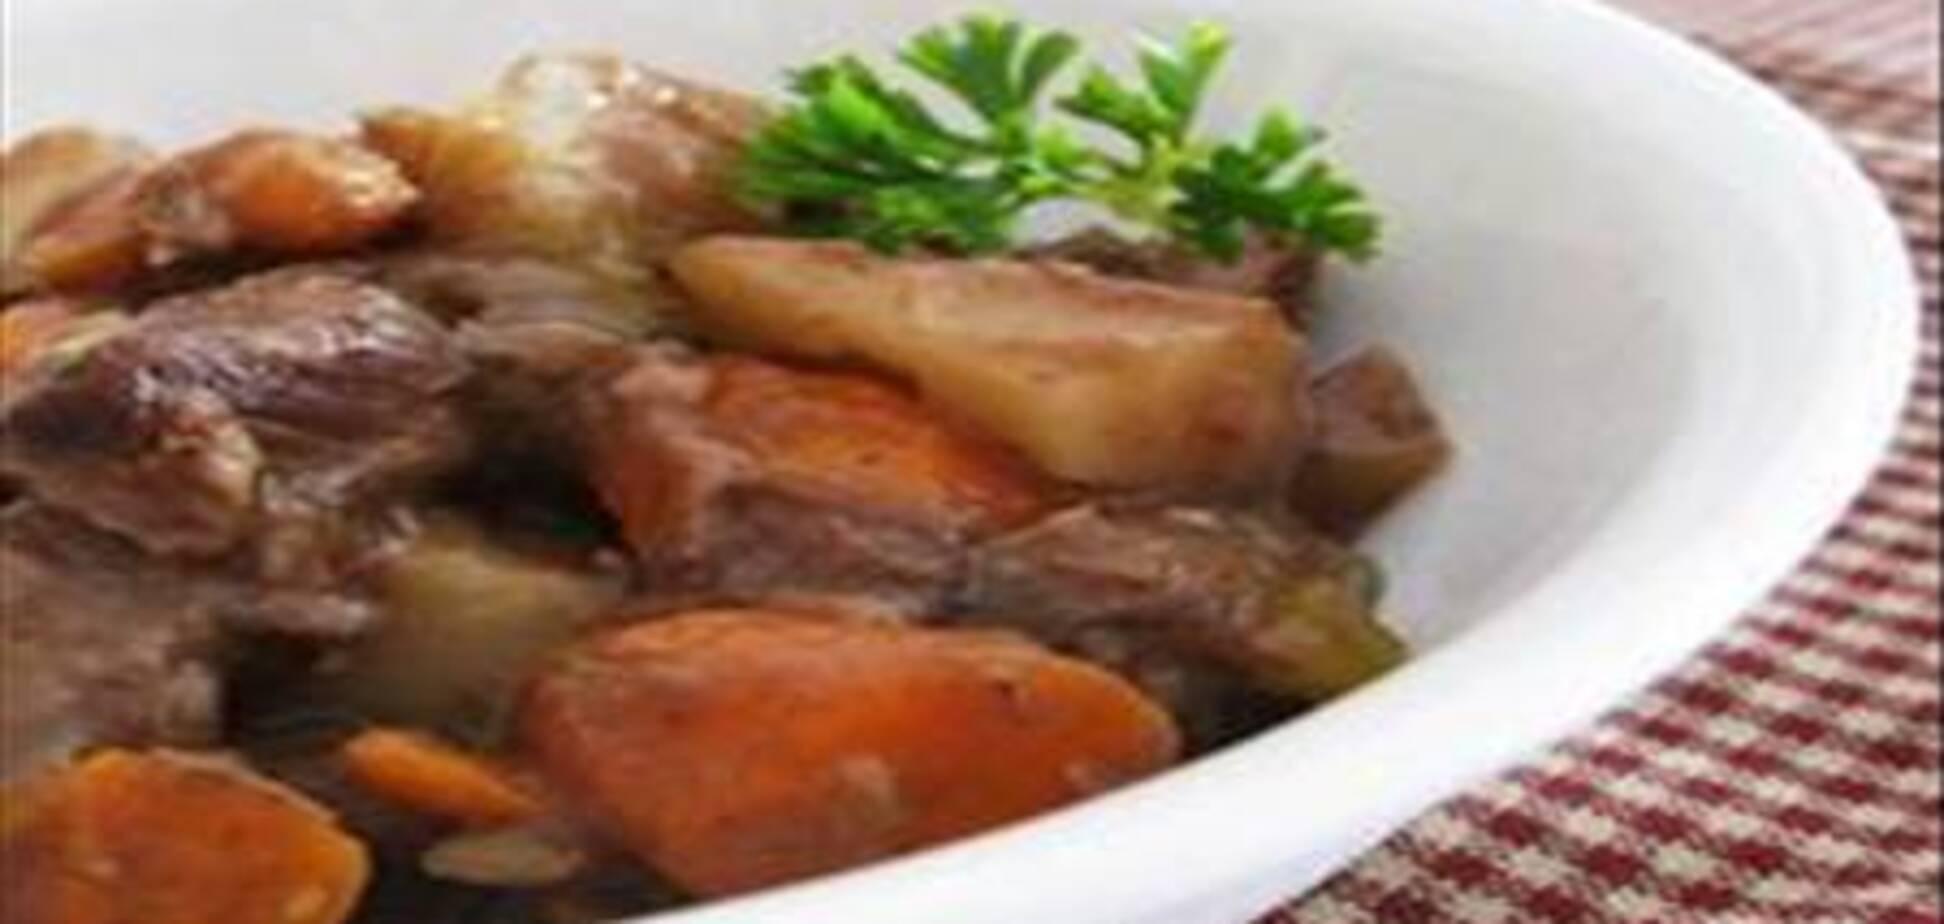 Тушеная говядина в сладко-картофельной подливе